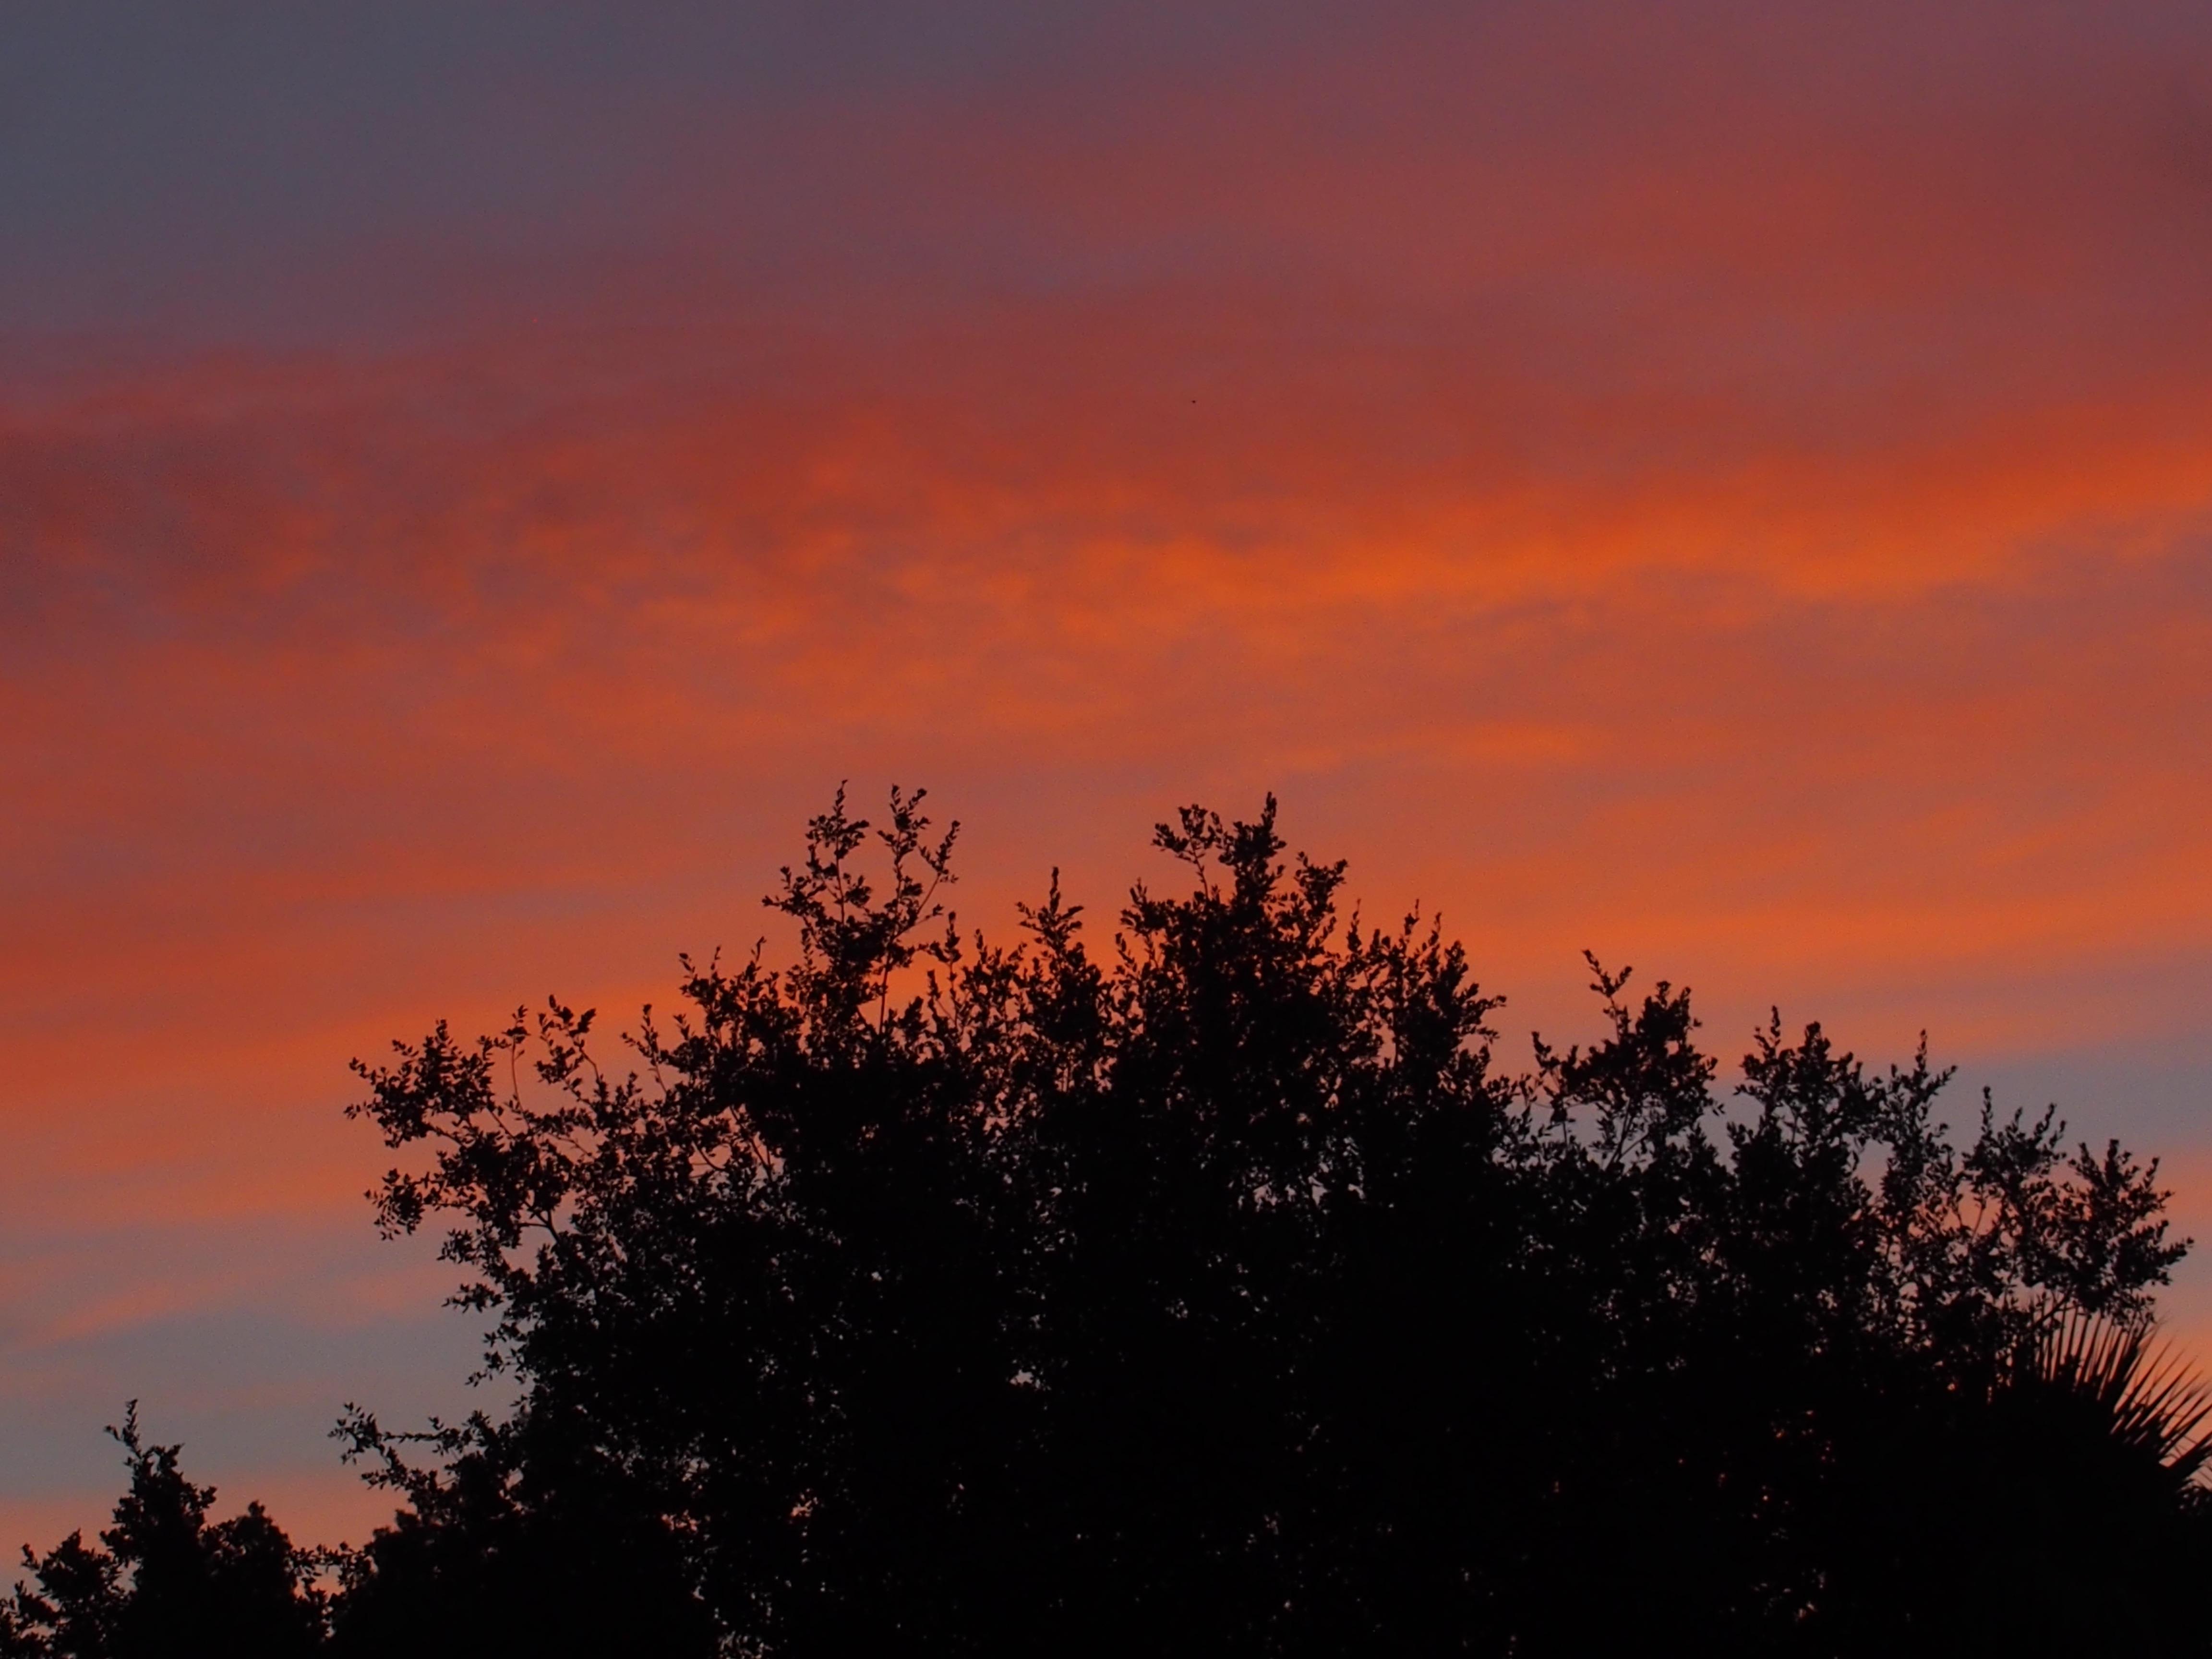 Sunrise in Yountville